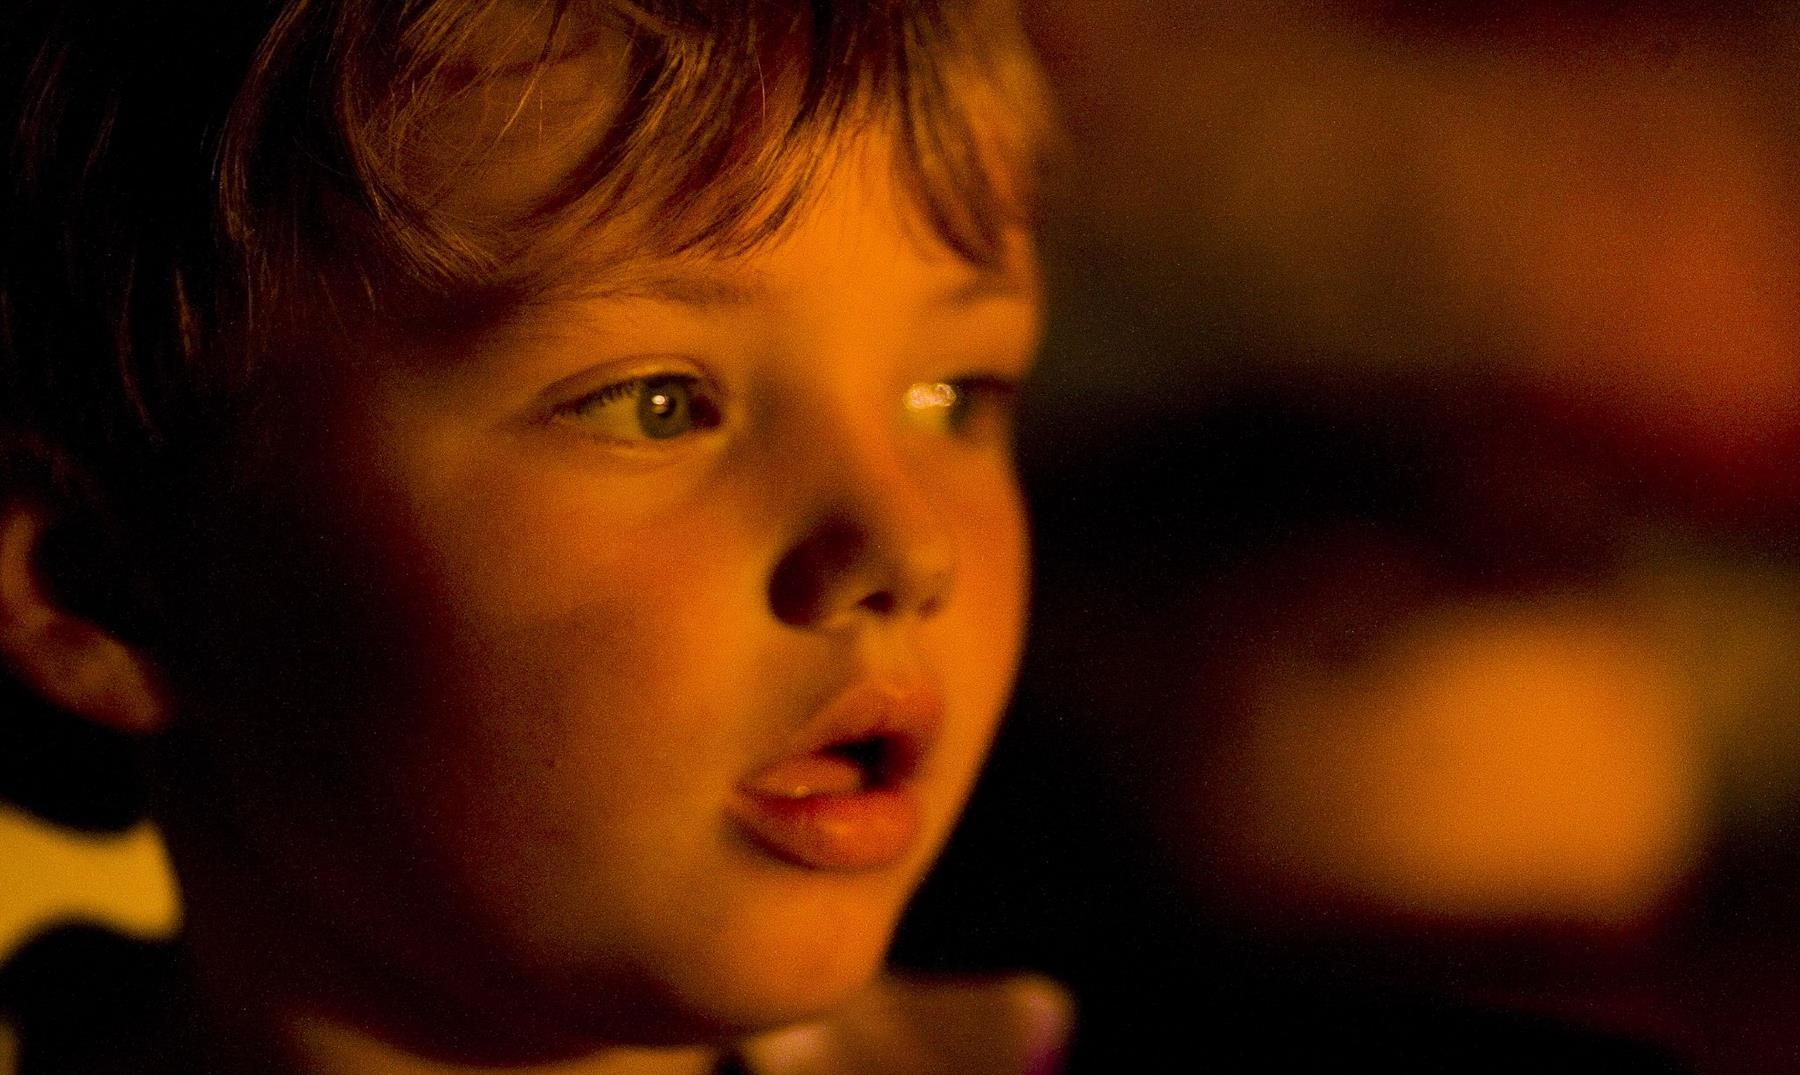 8 cosas que no solemos olvidar de nuestra infancia